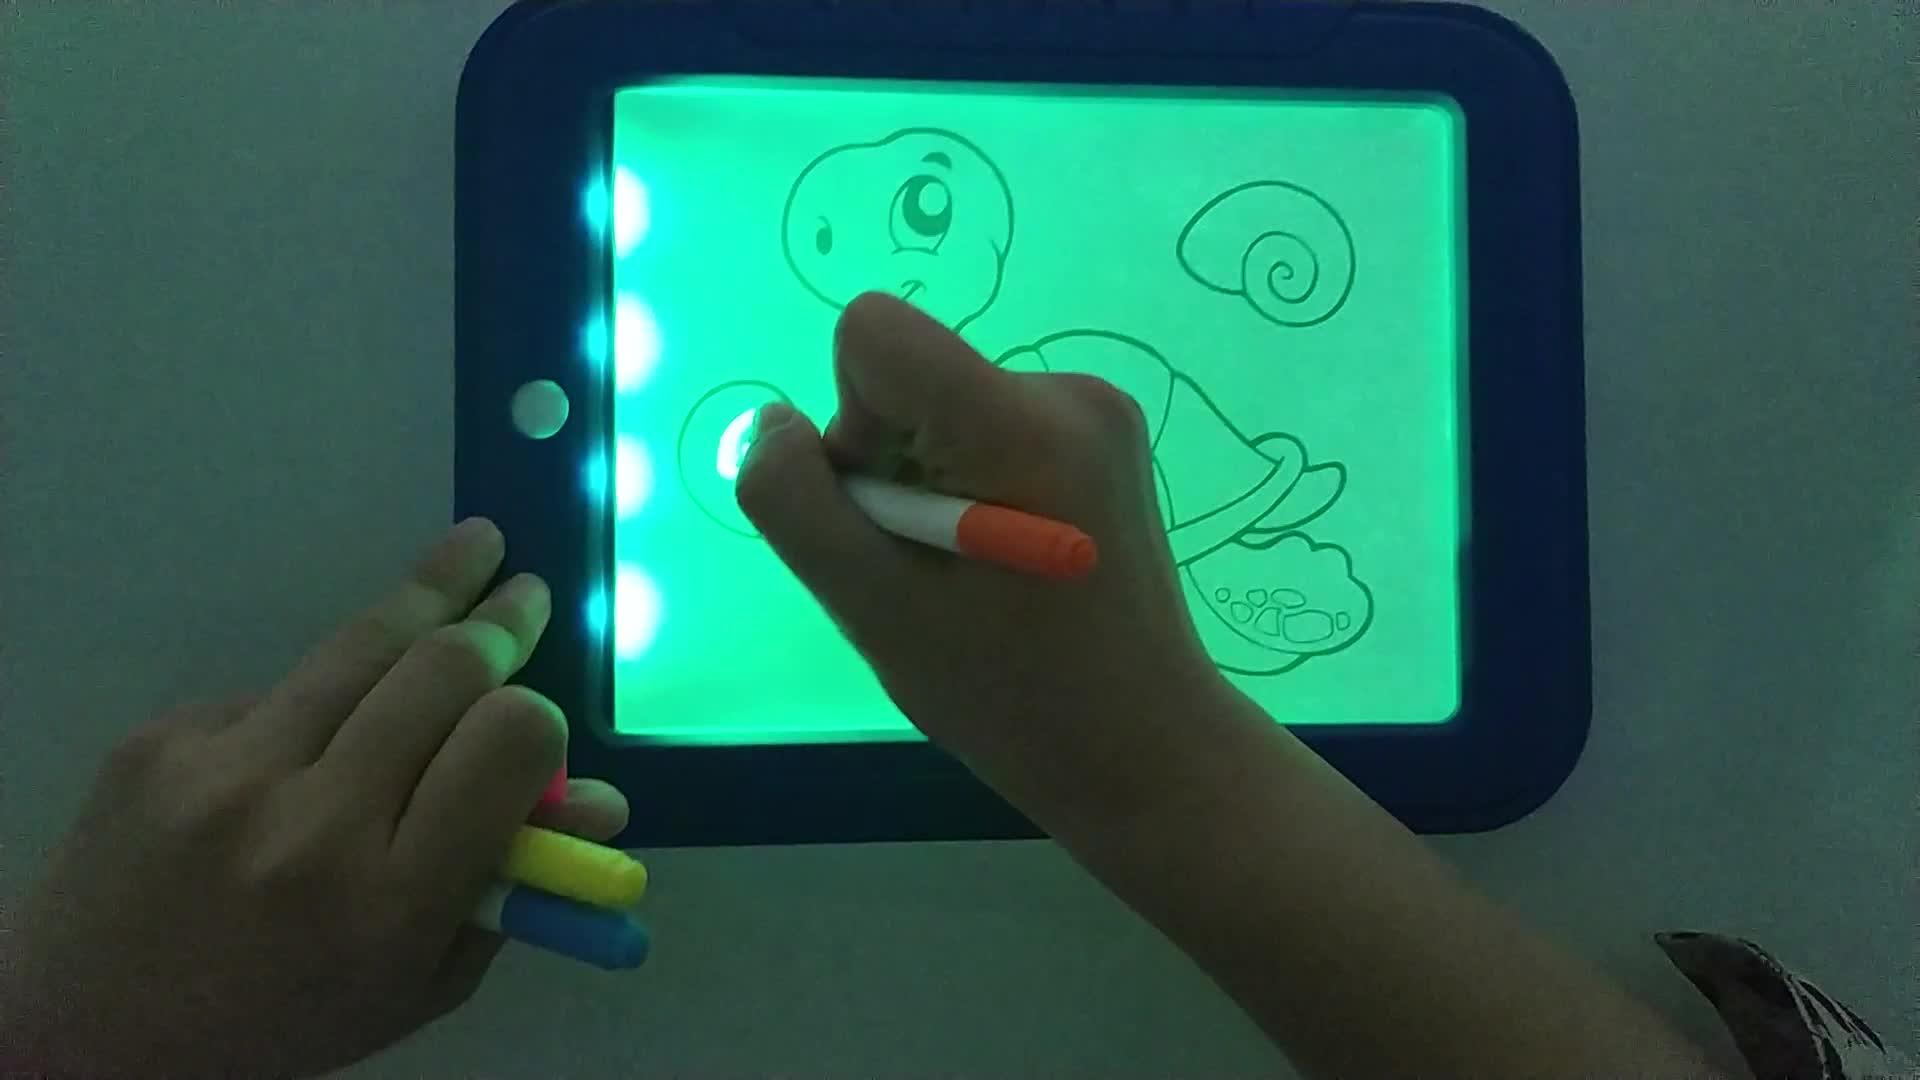 9 Inch Drawing Board Lampu LED Digital Papan Tulis Huruf Gambar Stensil untuk Orang Dewasa Chidren Dropship 3D Menggambar Pad